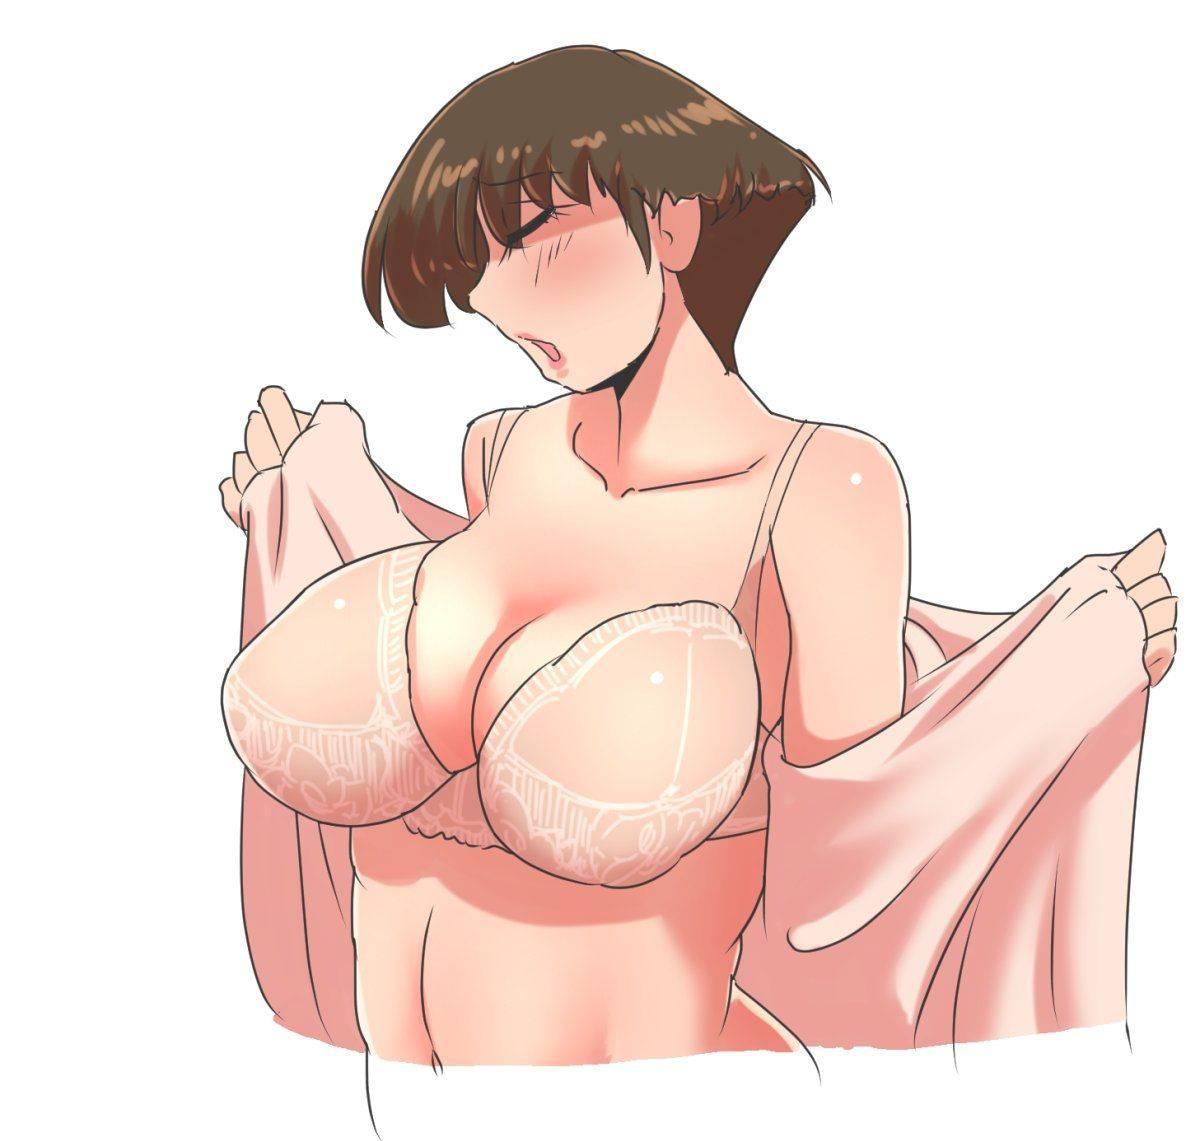 【生活感】ダサい・・・いや、生々しい下着を着けてる熟女・人妻の二次エロ画像【36】